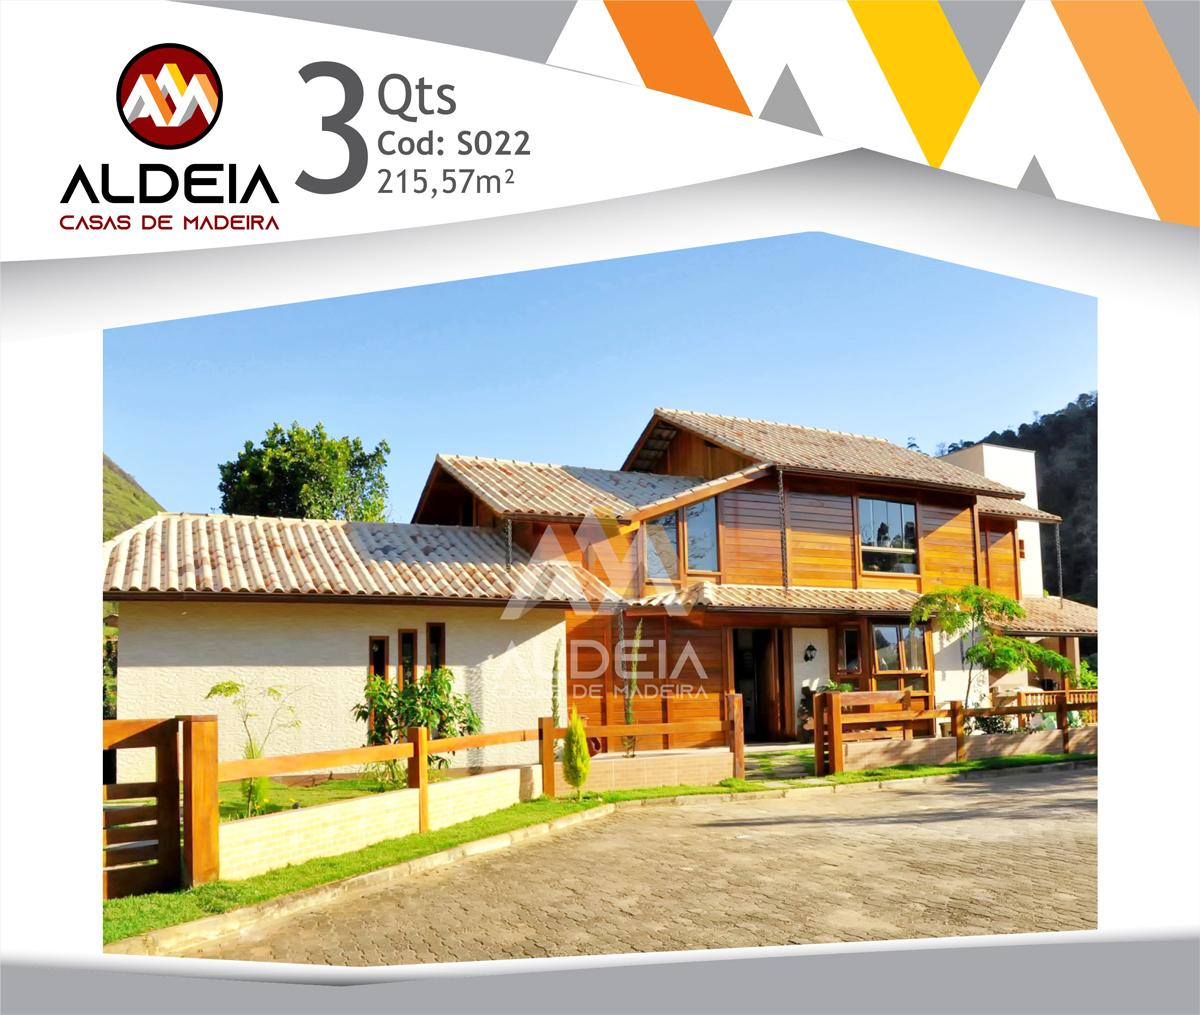 aldeia-casas-madeira-fachada-S022